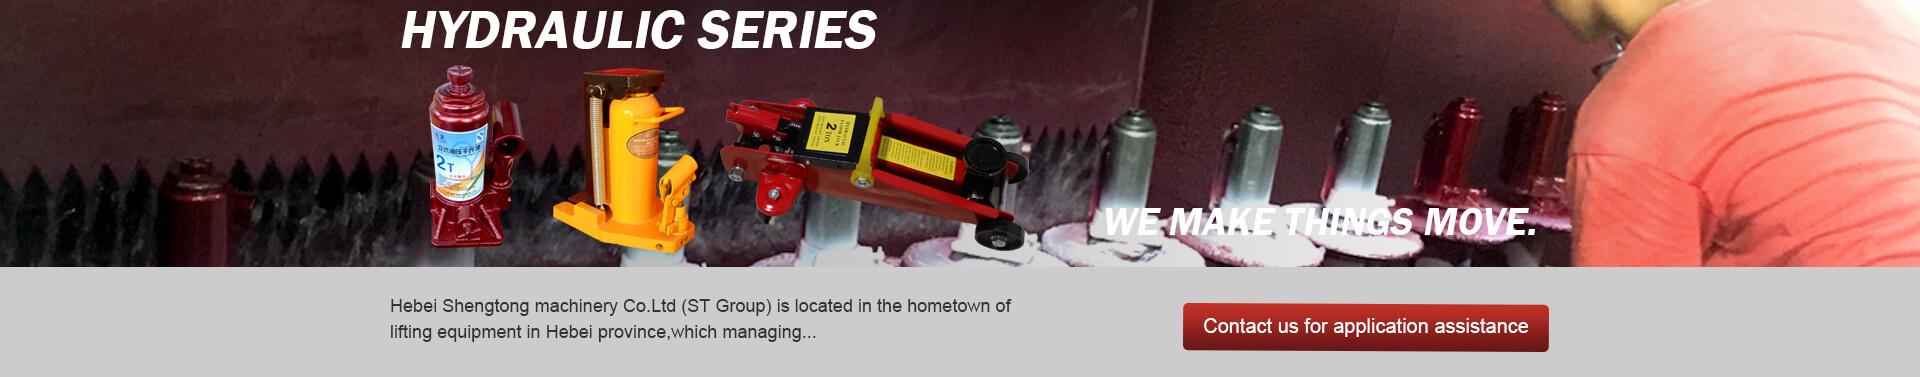 Hydraulic Series